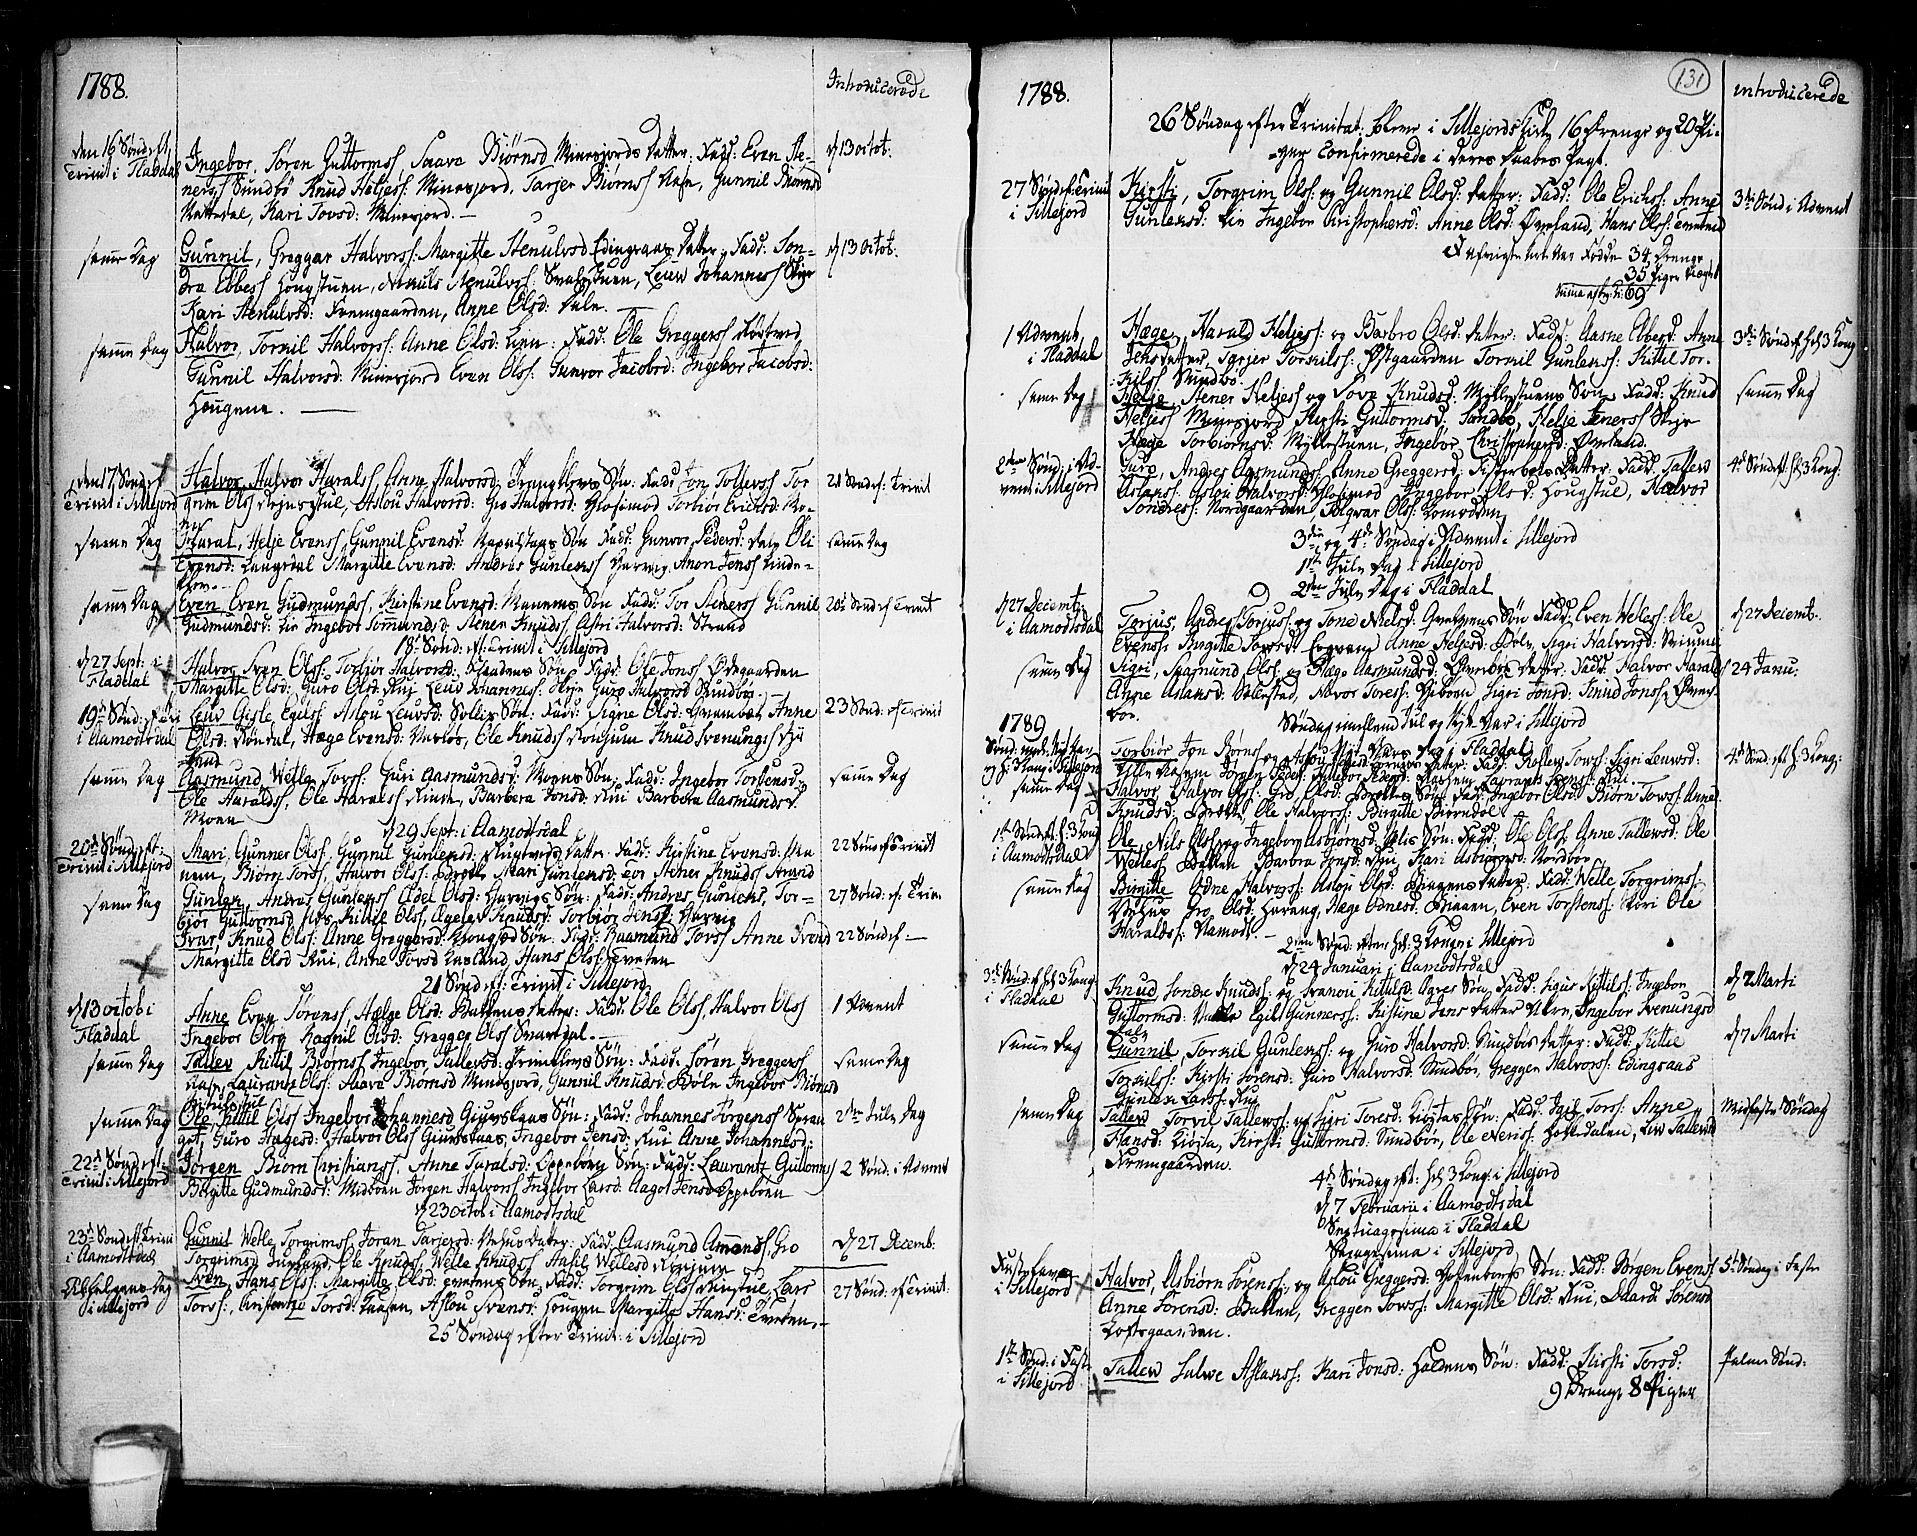 SAKO, Seljord kirkebøker, F/Fa/L0007: Ministerialbok nr. I 7, 1755-1800, s. 131